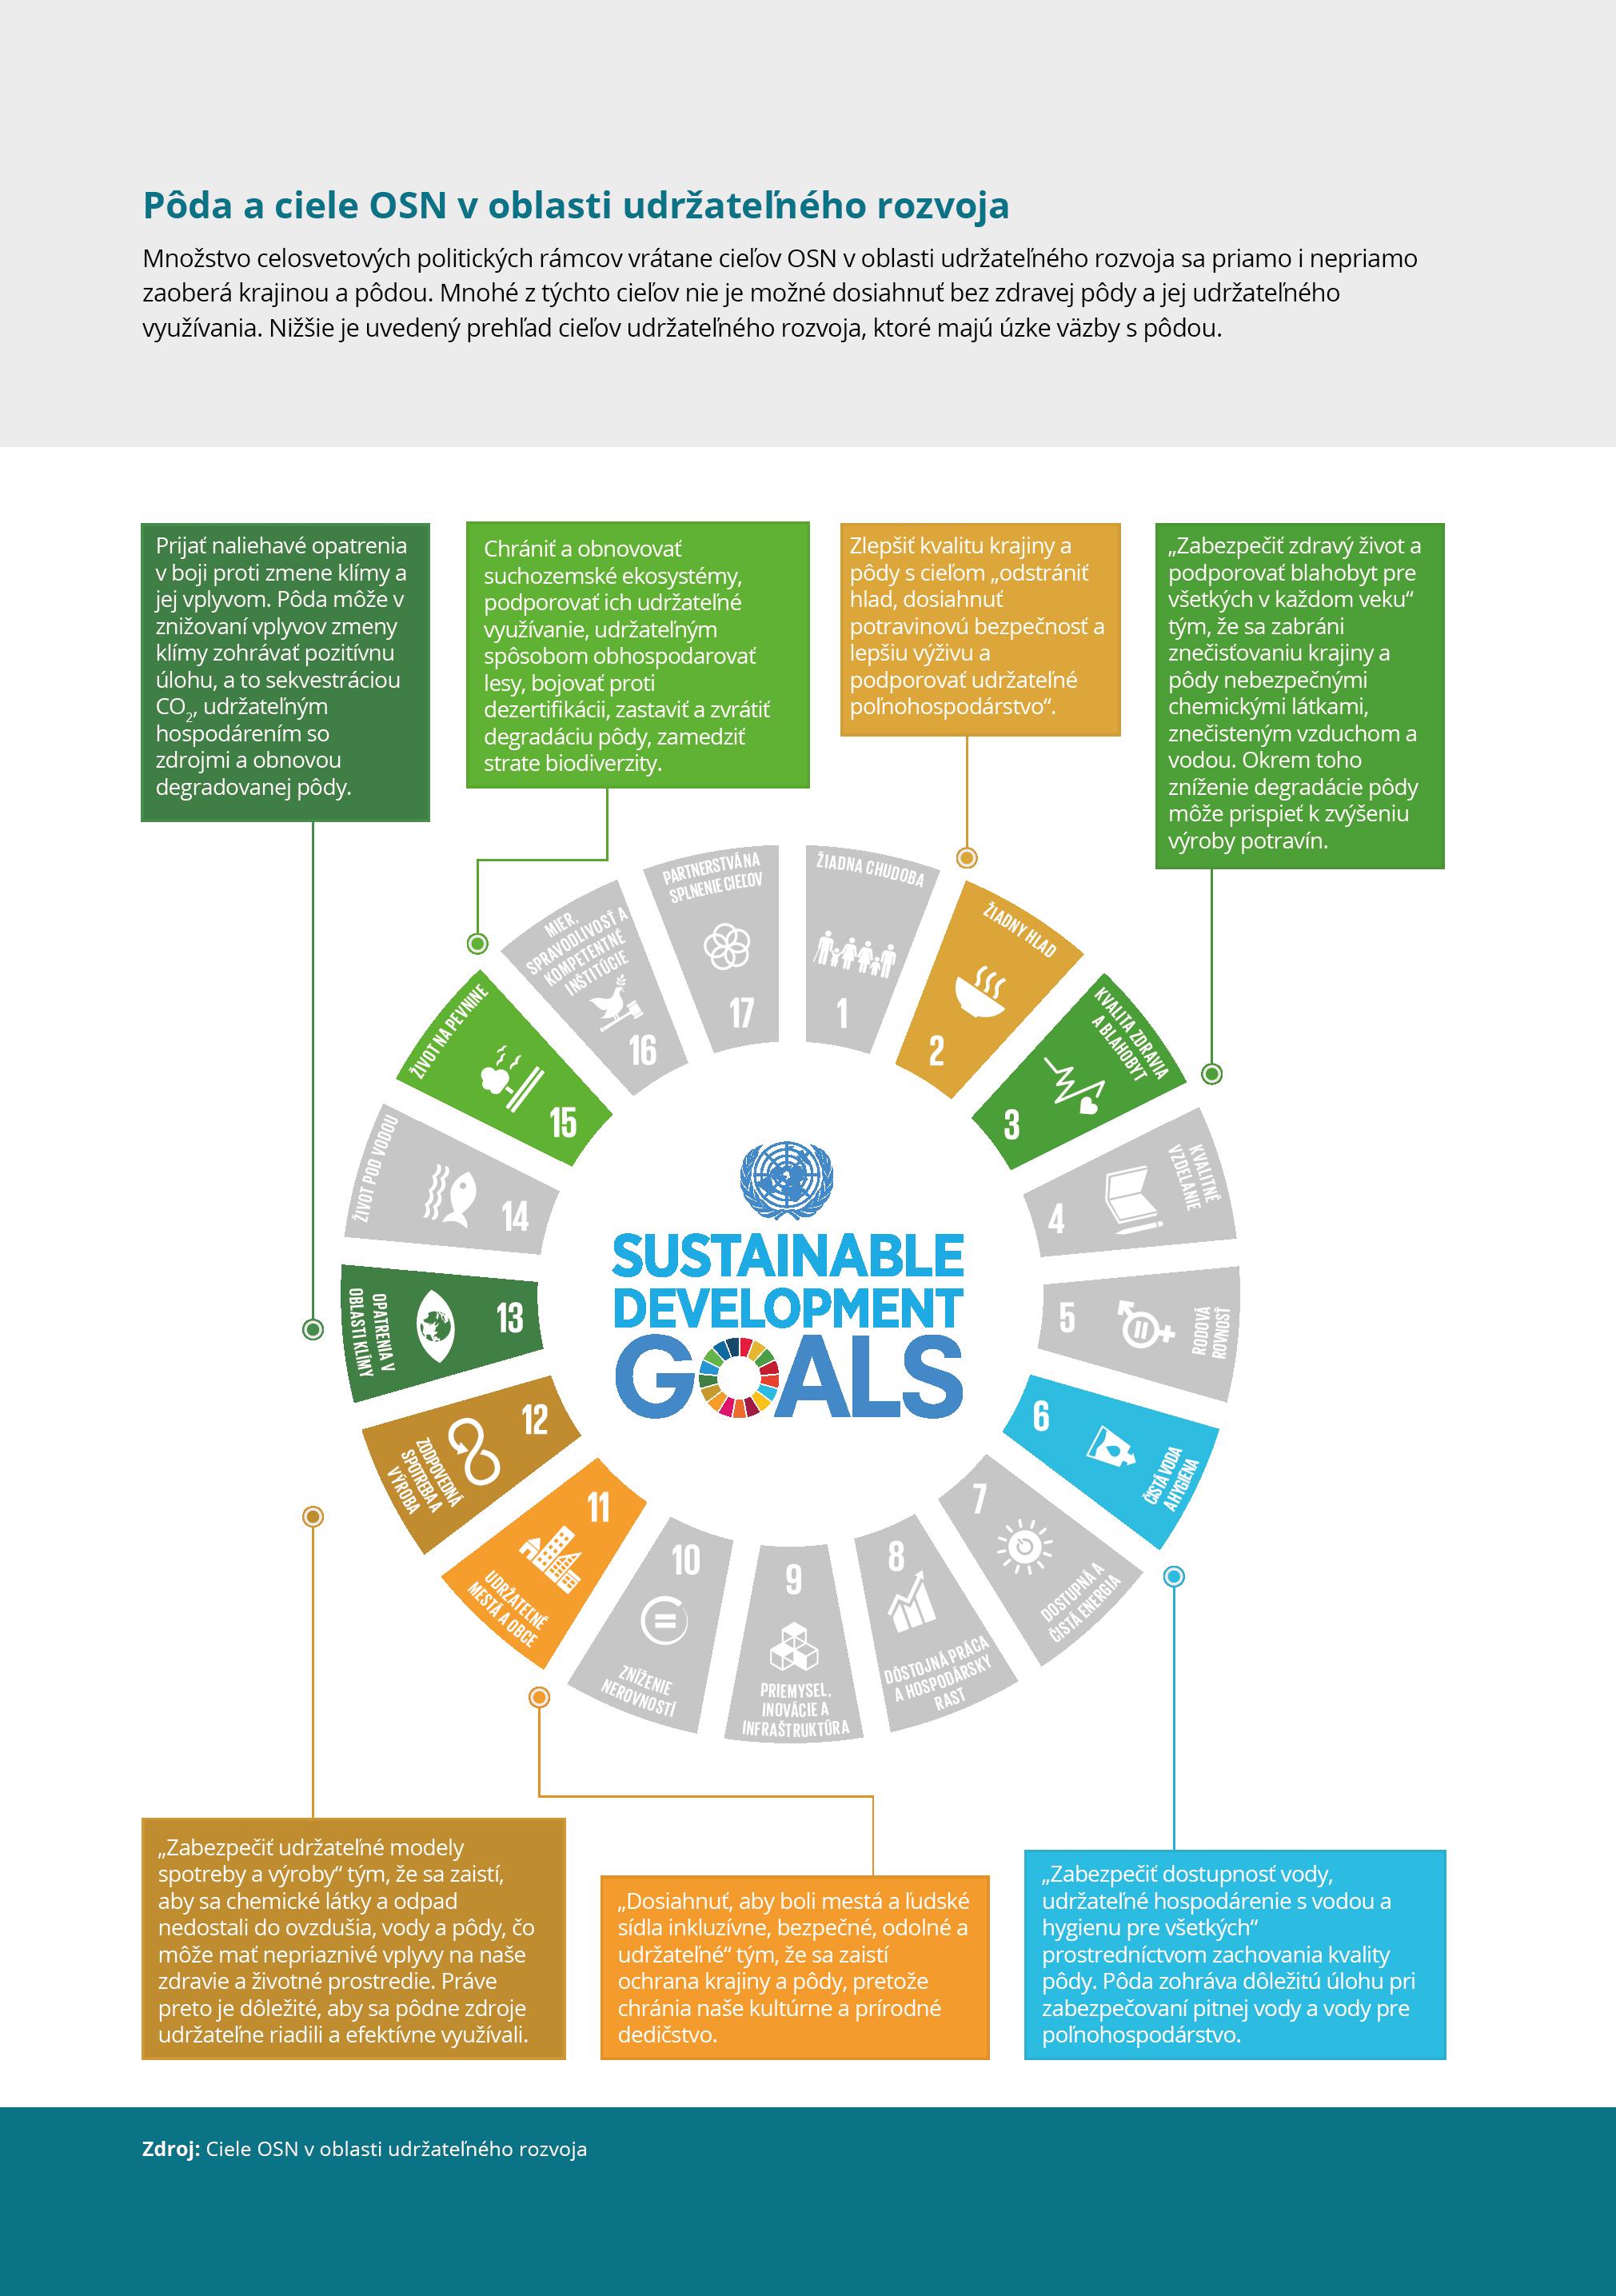 Pôda a ciele OSN v oblasti udržateľného rozvoja